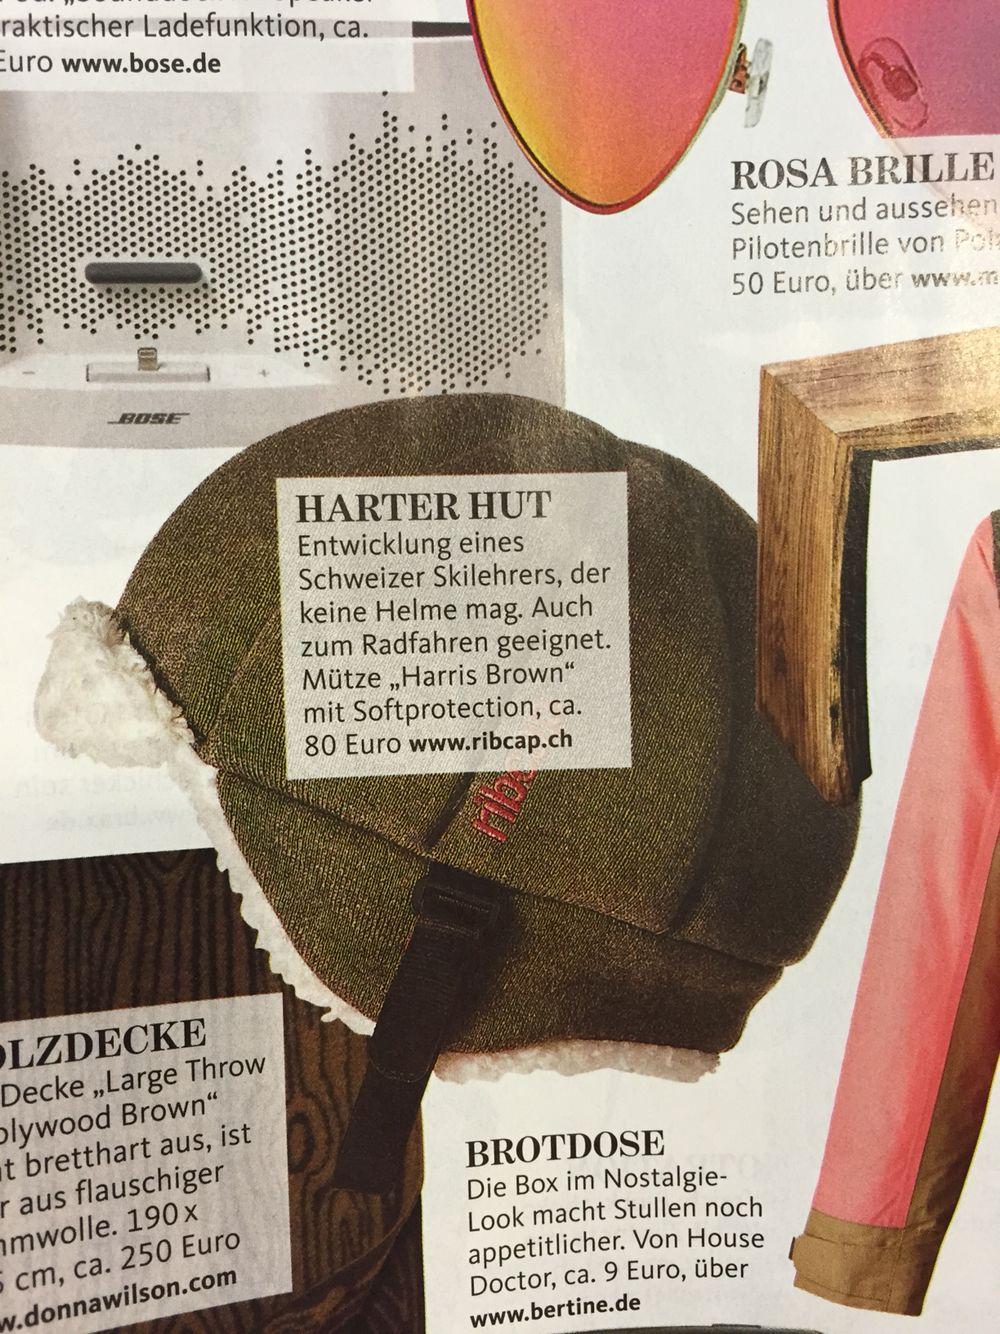 Ripcap Harris Brown   geiler Helm/Hut! Gesehen bei SchönerWohnen.